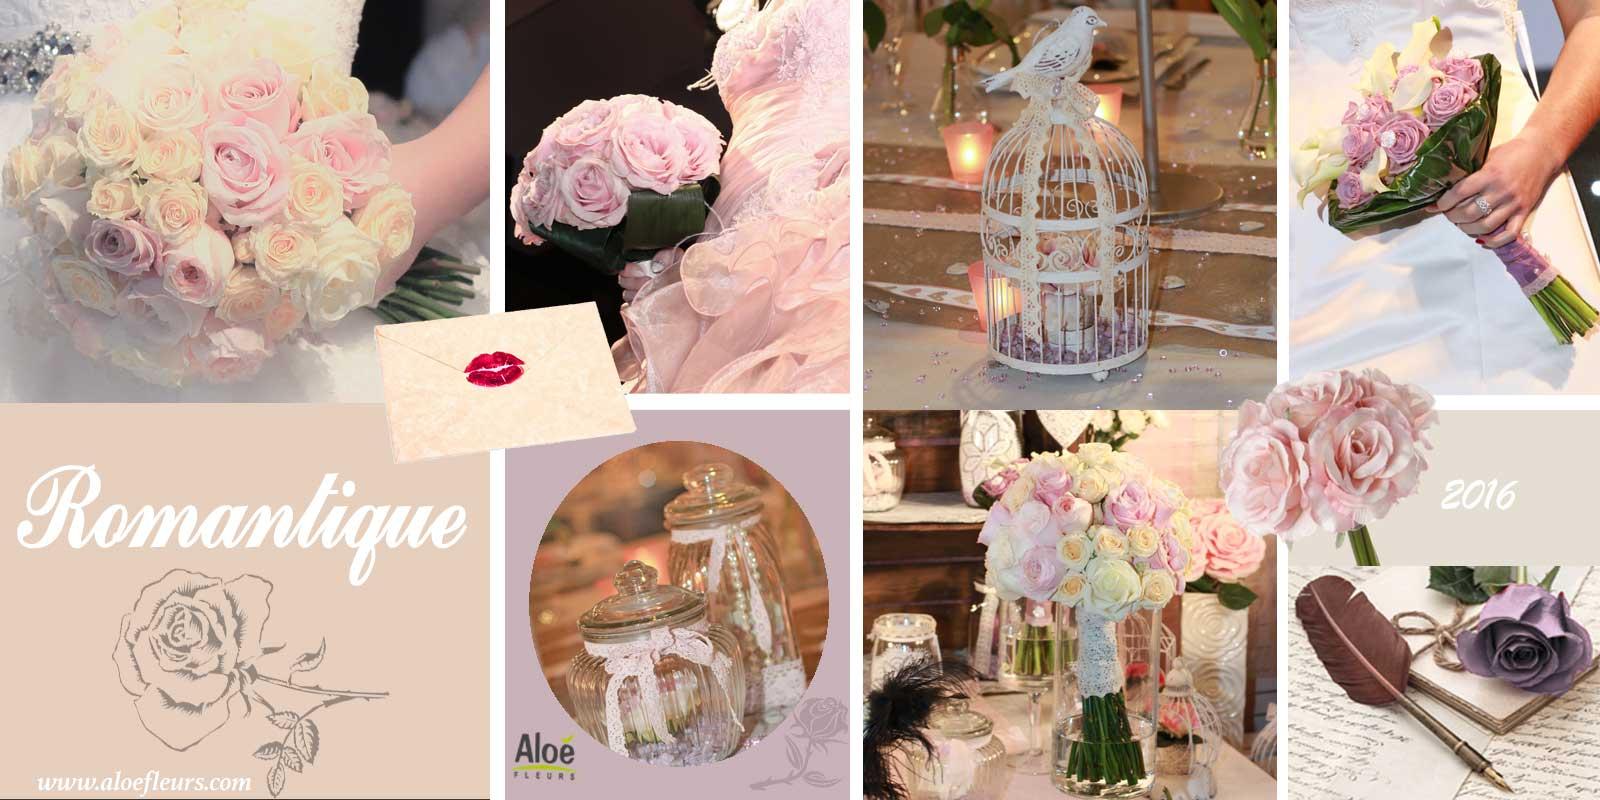 tendance-decoration-florale-2016-romantique-alloefleurs.com